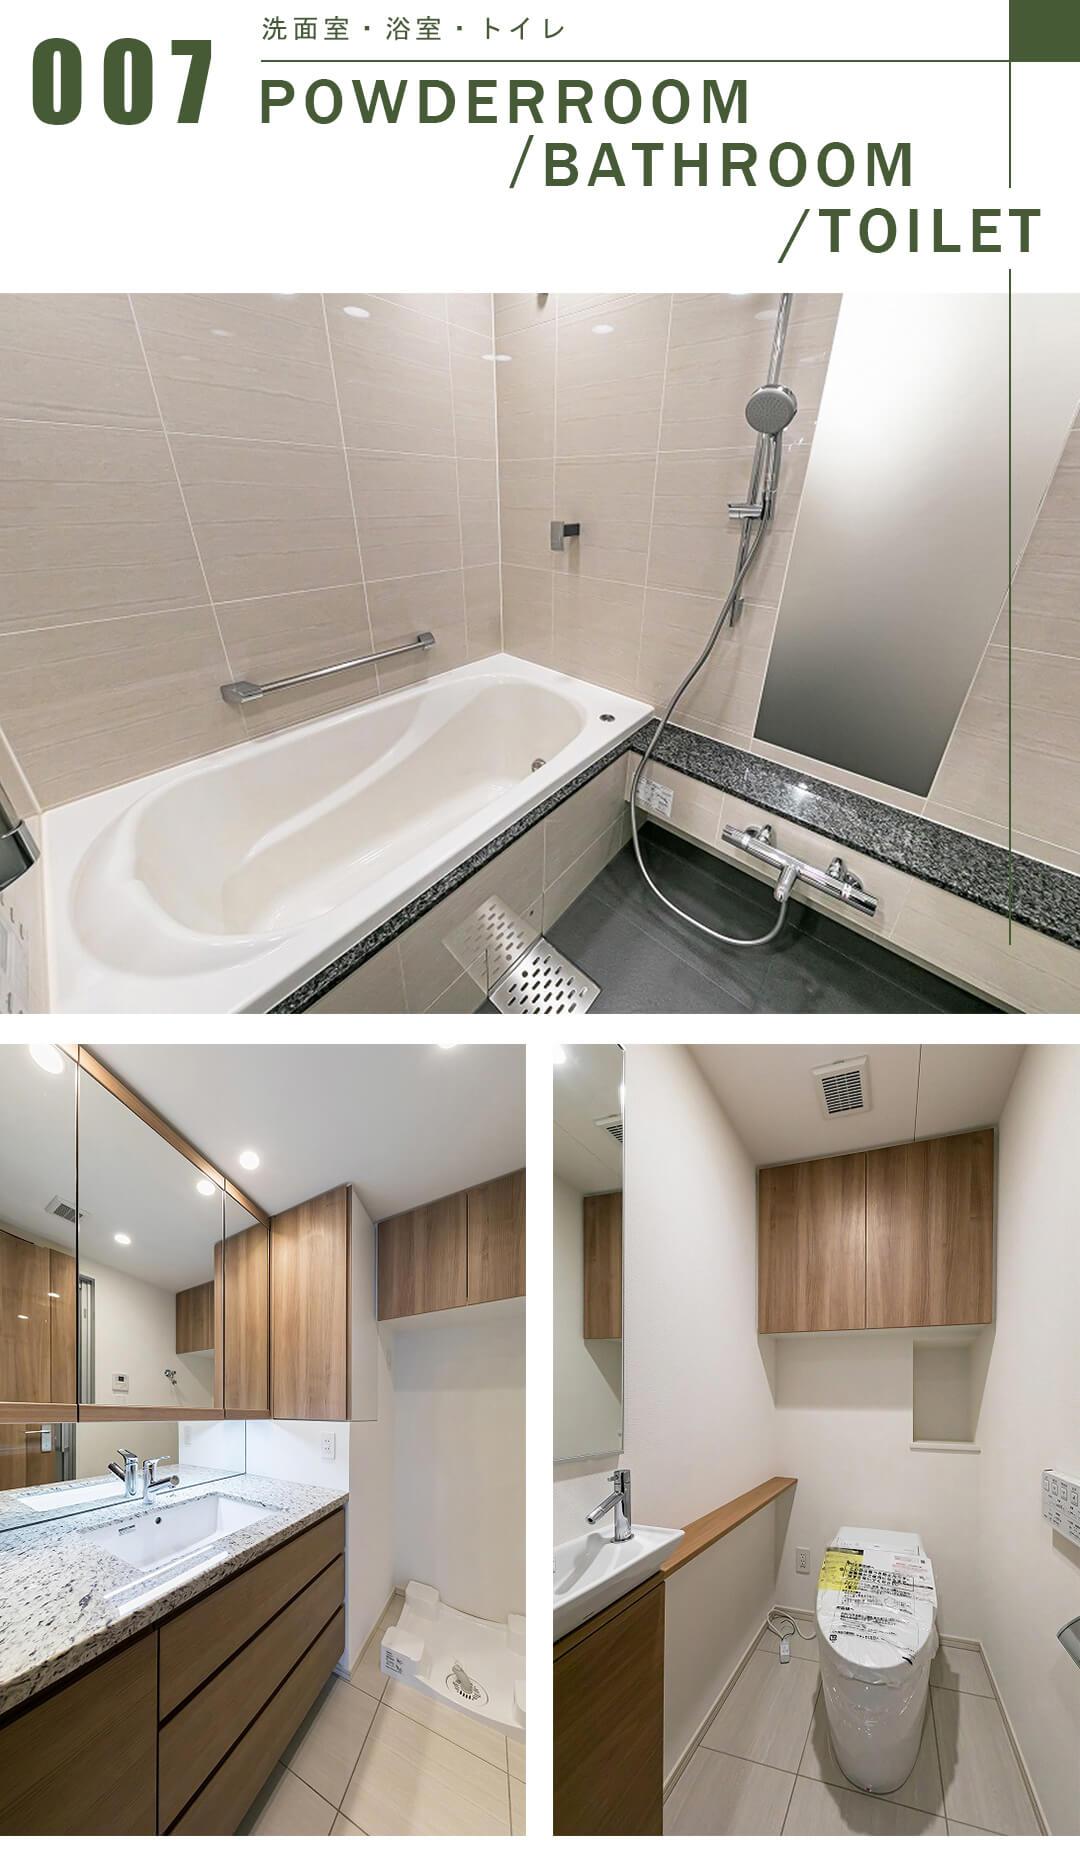 パークホームズ日本橋人形町ザレジデンスの洗面室と浴室とトイレ